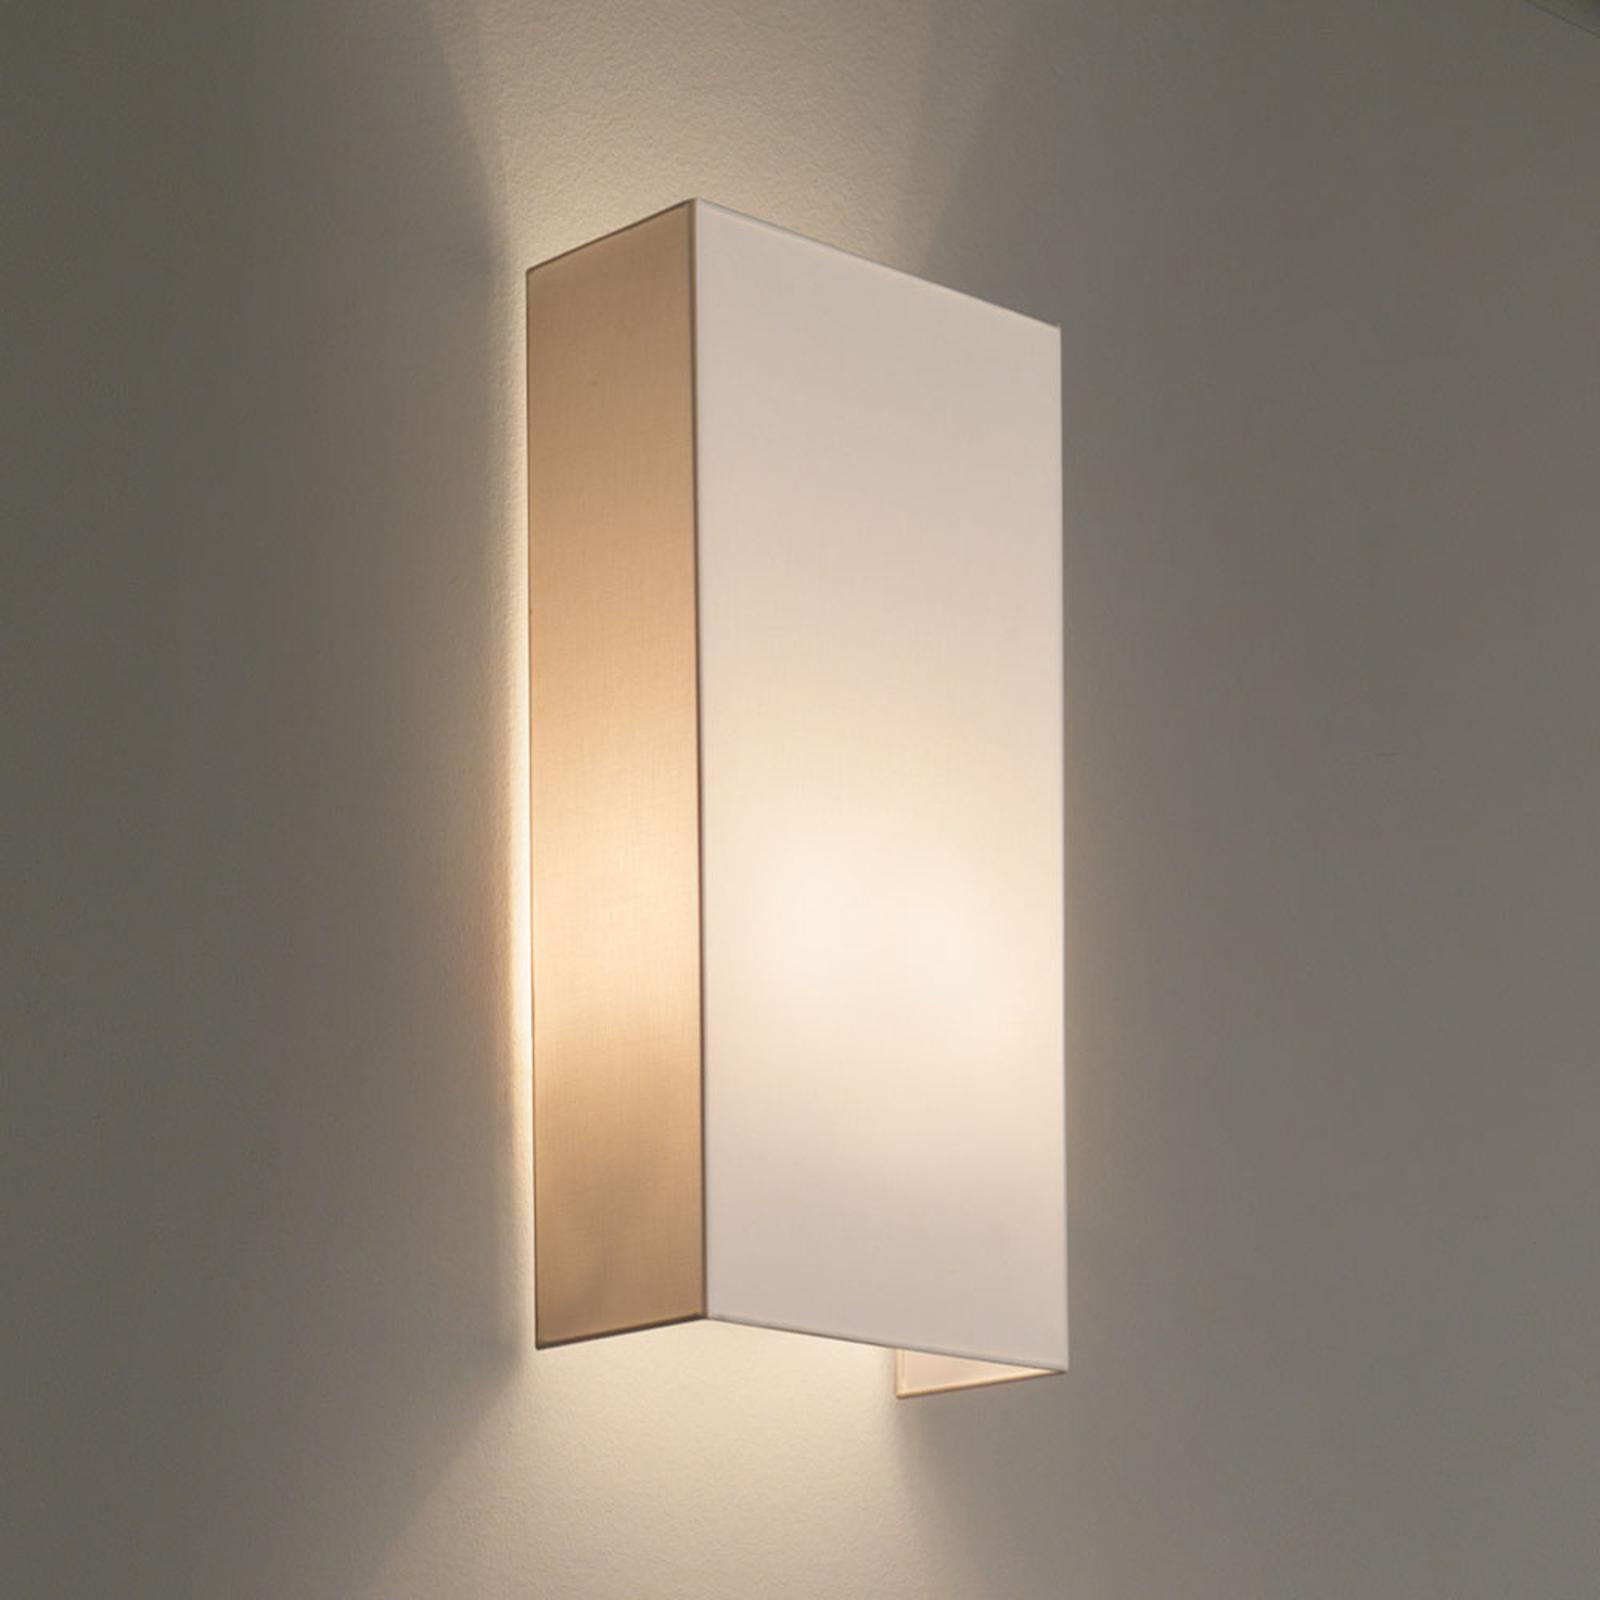 Modo Luce Rettangolo wandlamp 25 cm ivoor